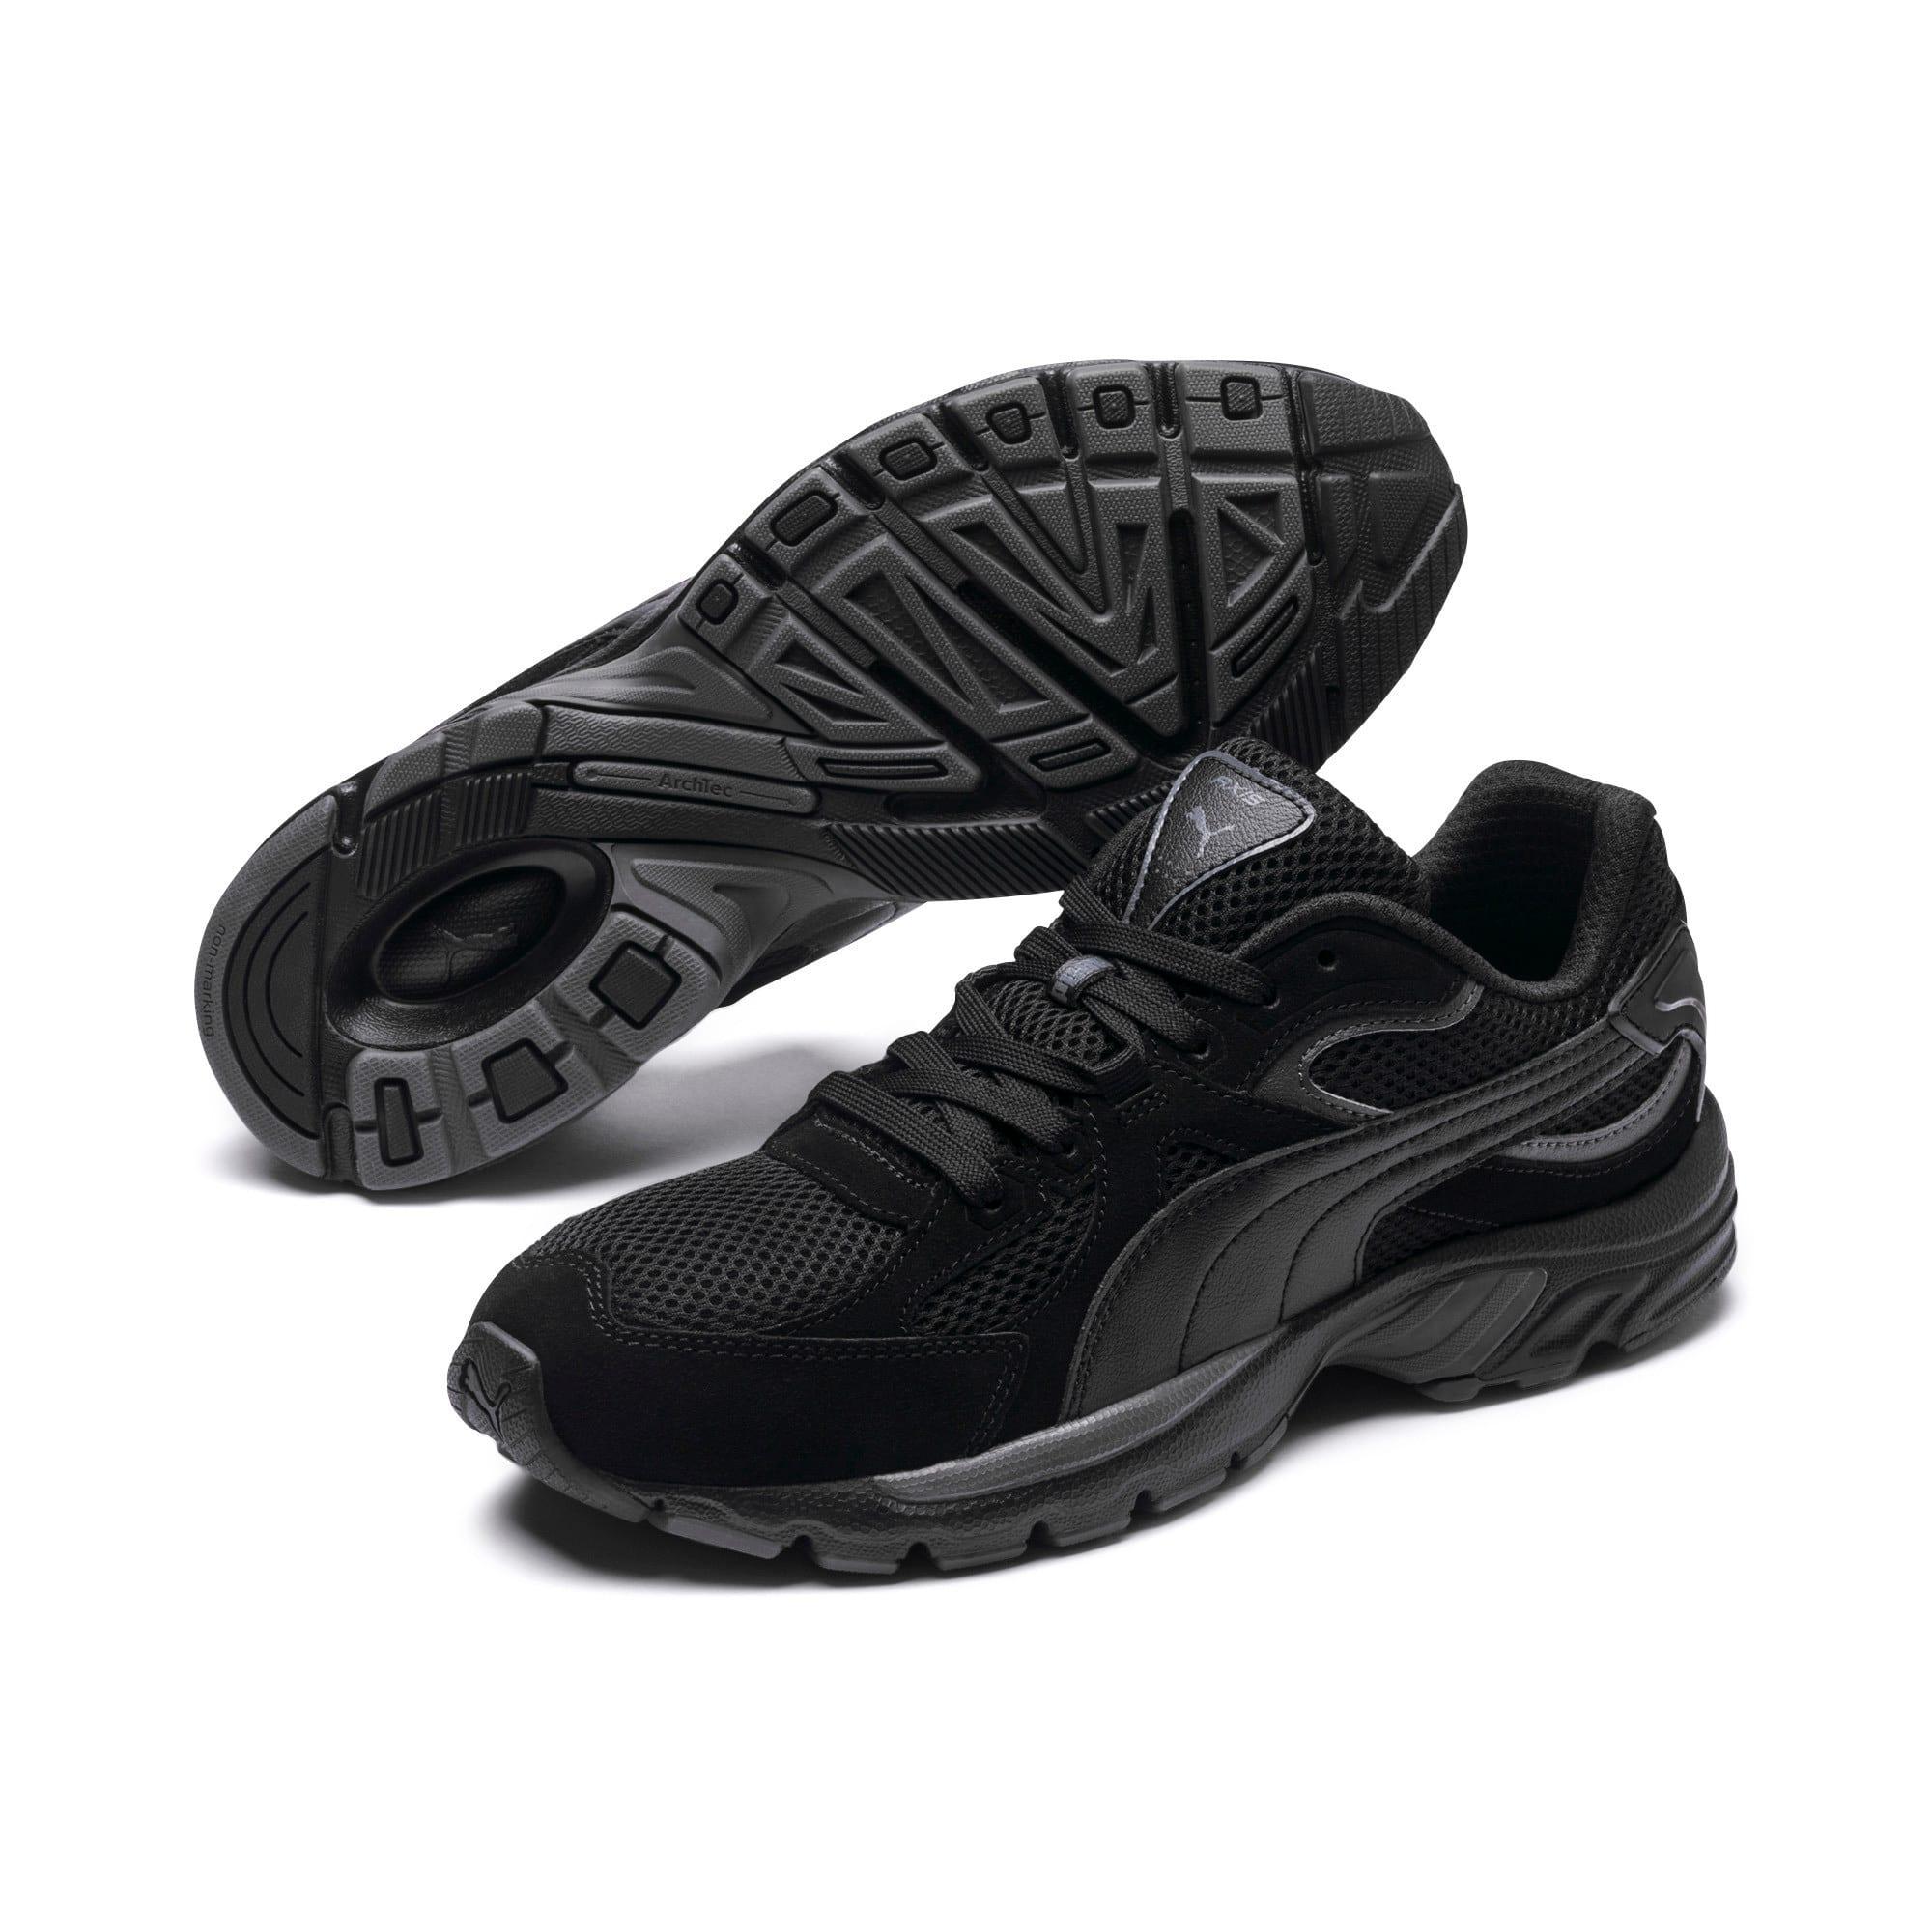 Miniatura 2 de Zapatos deportivos Axis Plus Suede, Black-Black-Asphalt, mediano